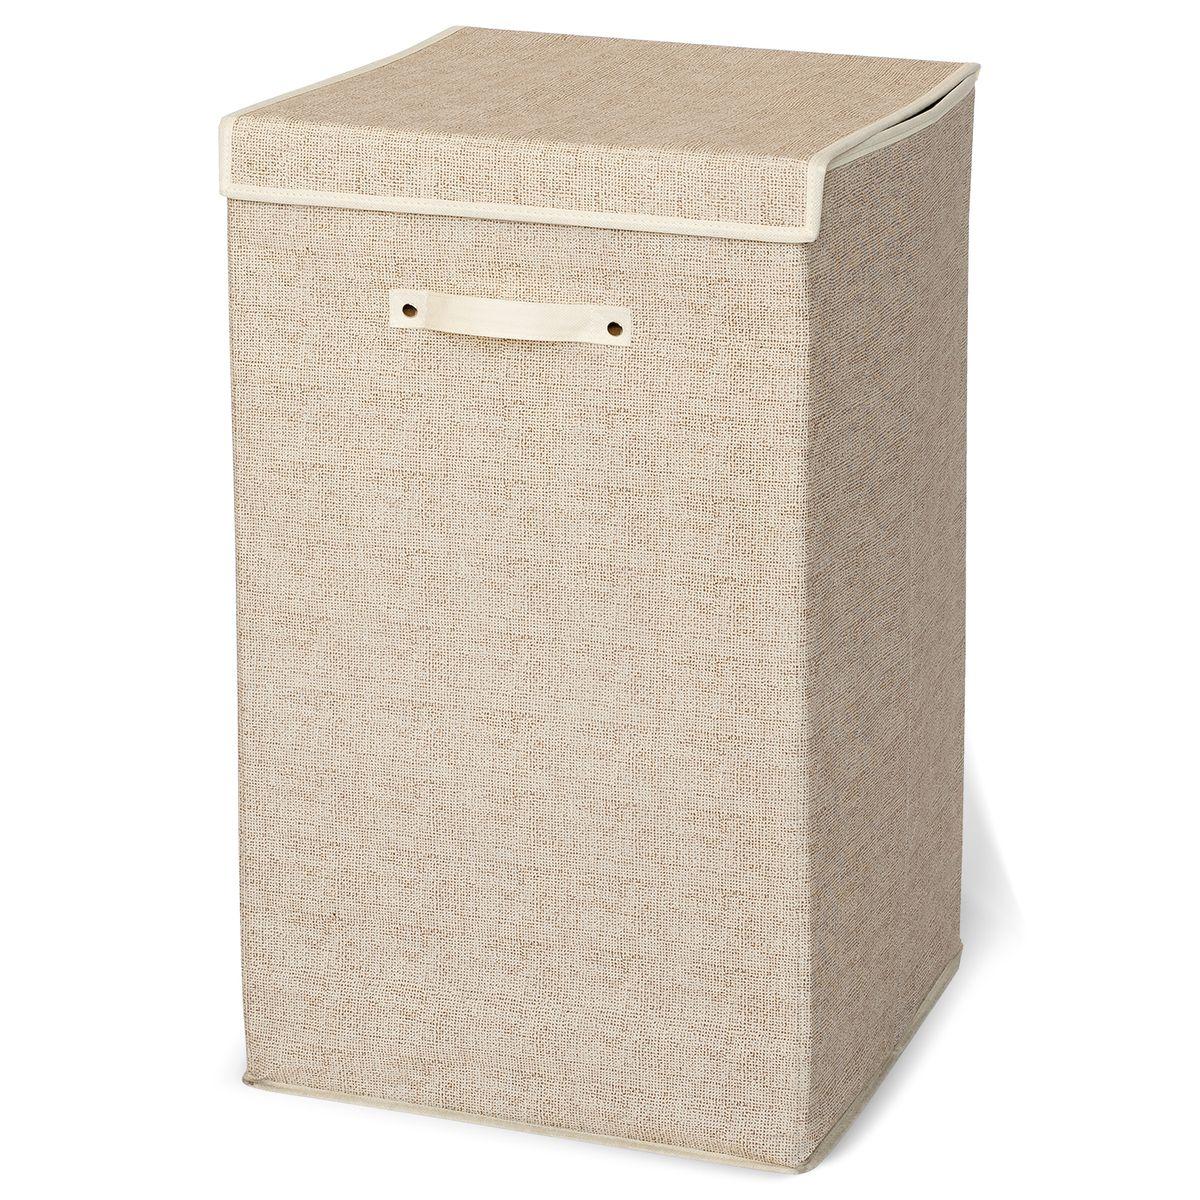 Корзина для белья Artmoon FelixS03301004ARTMOON FELIX Корзина для белья 75Л, размер: 35X35X62см, 80 г нетканого полотна, внутренняя вставка из 2 мм картона, легкая сборка, компактна в сложенном виде. Упаковка: пакет со вкладышем.